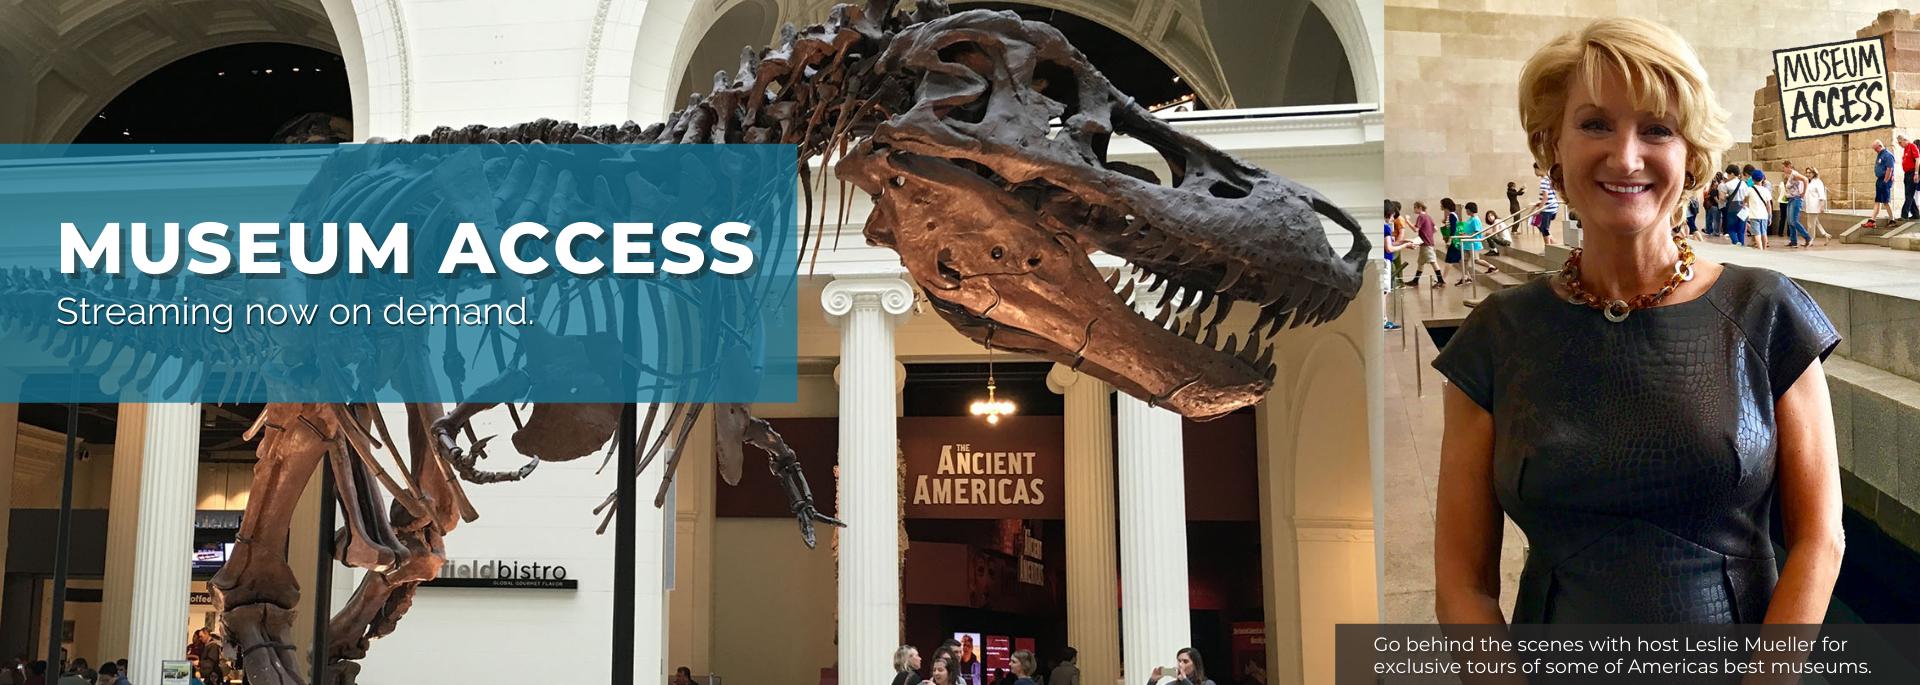 4MuseumAccess AUG2021